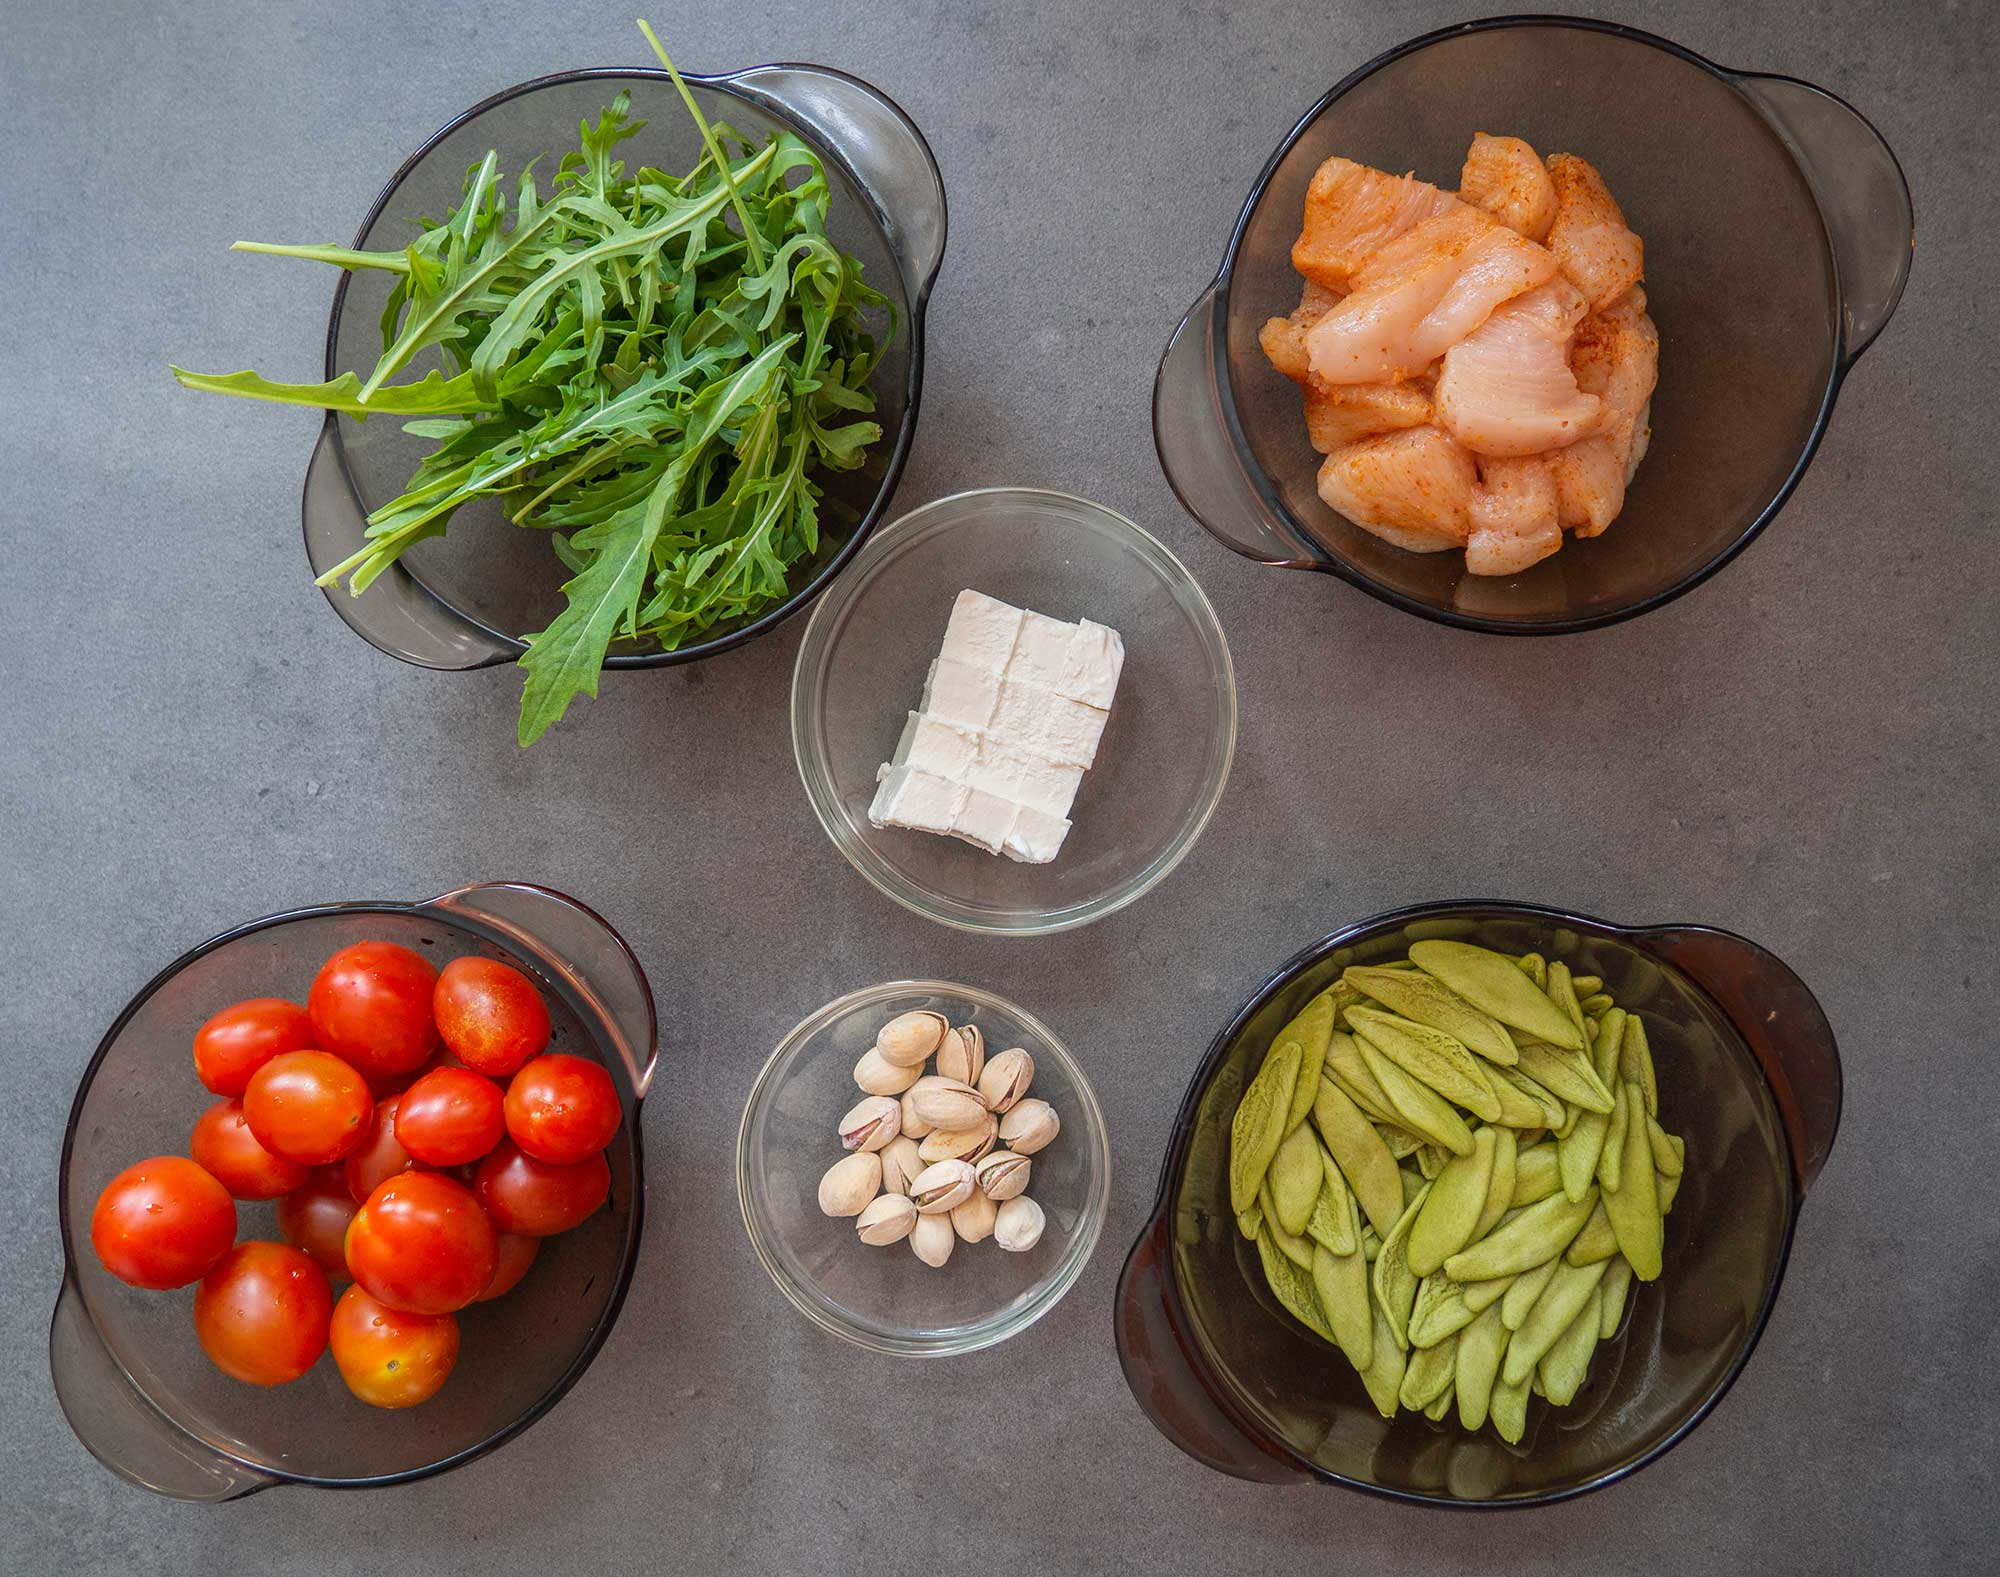 Spinach pasta with chicken ingredients